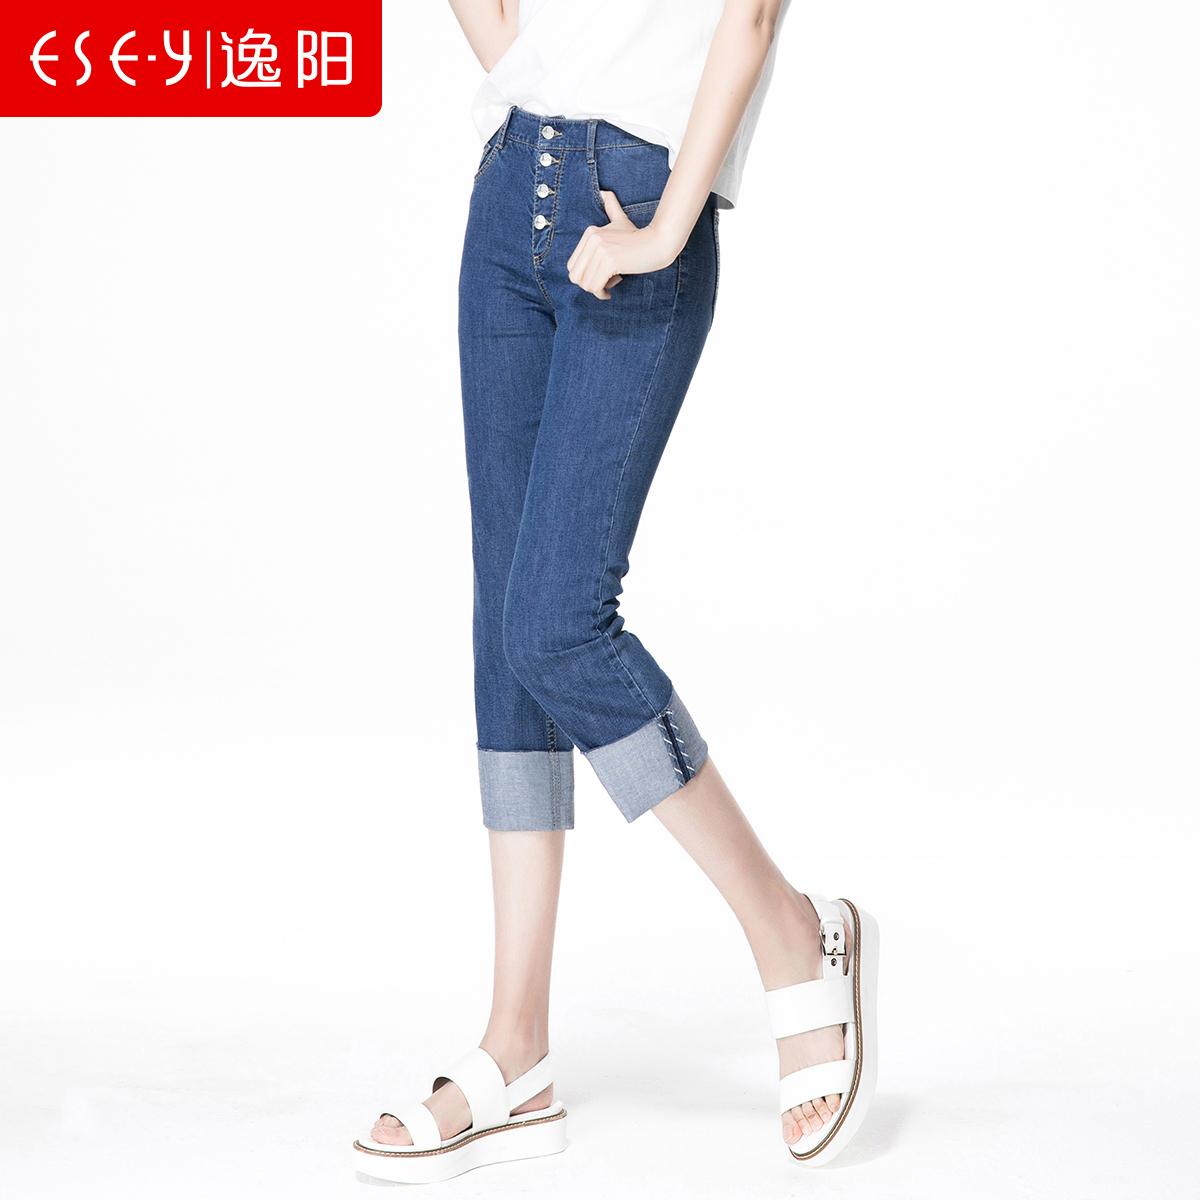 逸阳女裤2018夏季新款大码紧身显瘦高腰弹力直筒八分牛仔裤女0832